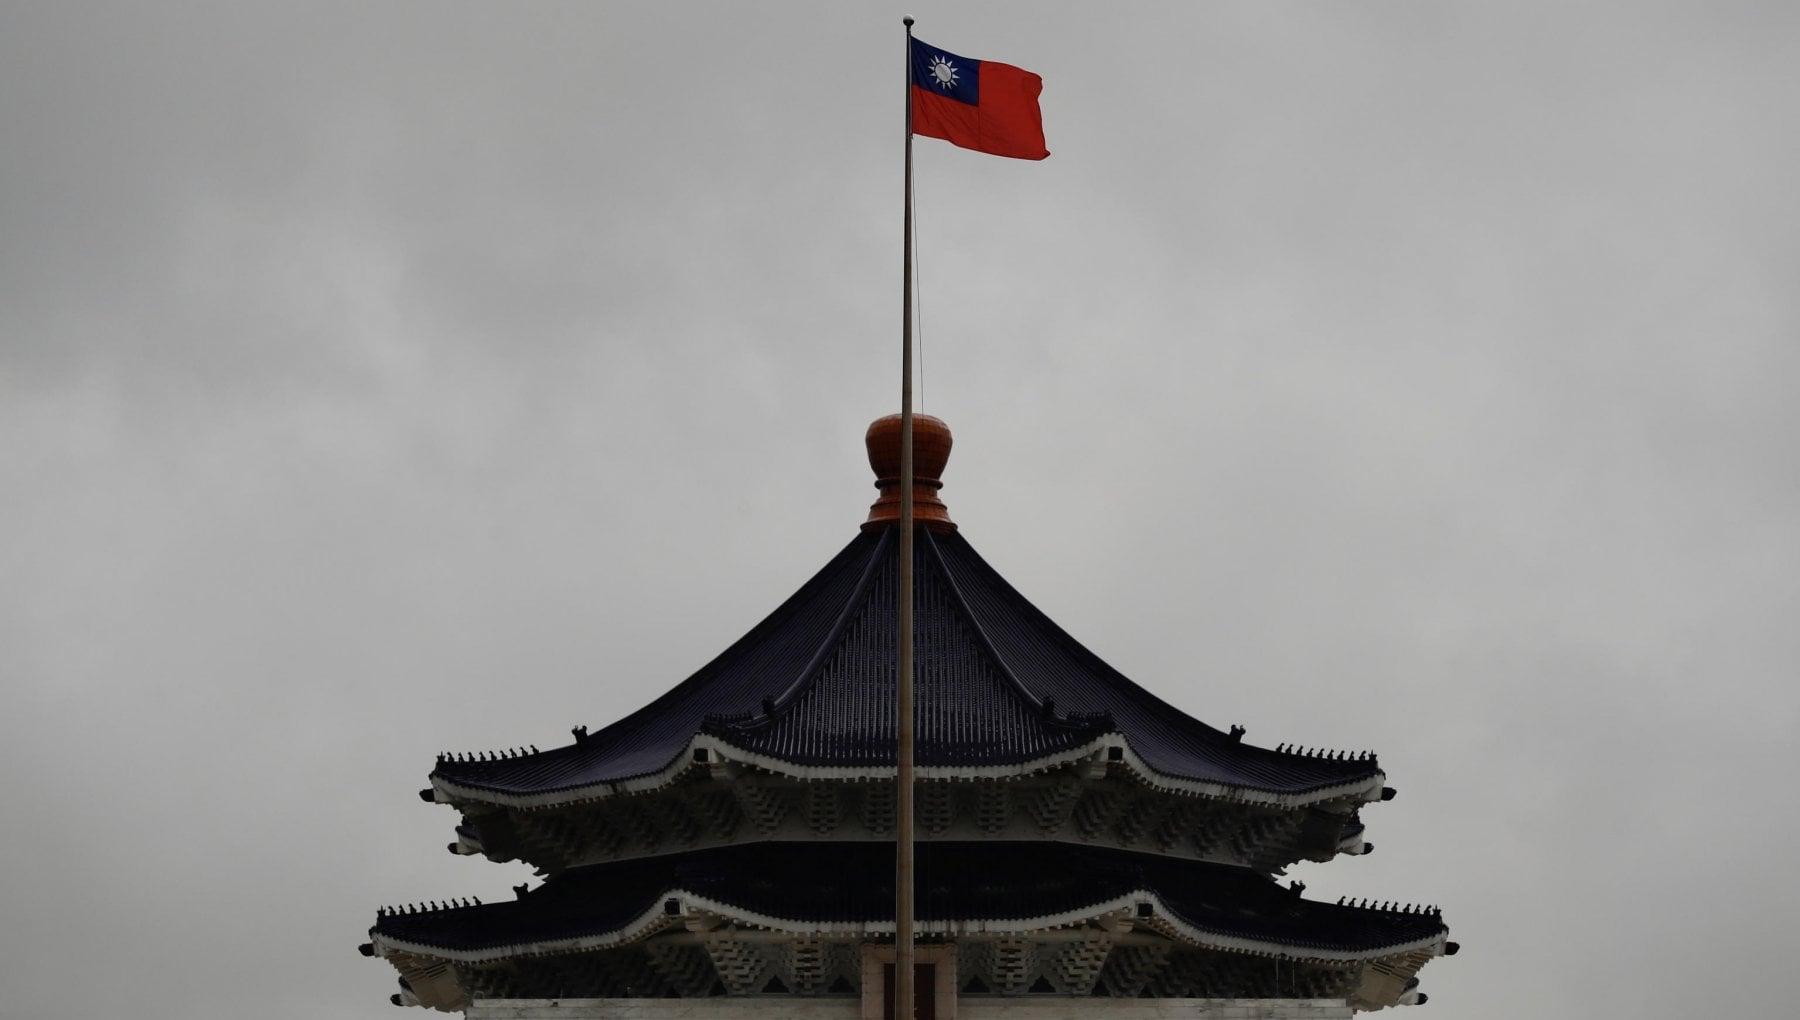 """144830417 a1354886 65f0 49f1 b4aa 46c13a68b755 - Taiwan fa litigare Giappone e Cina. """"Svegliamoci, è uno Stato democratico e va difeso da Pechino"""""""